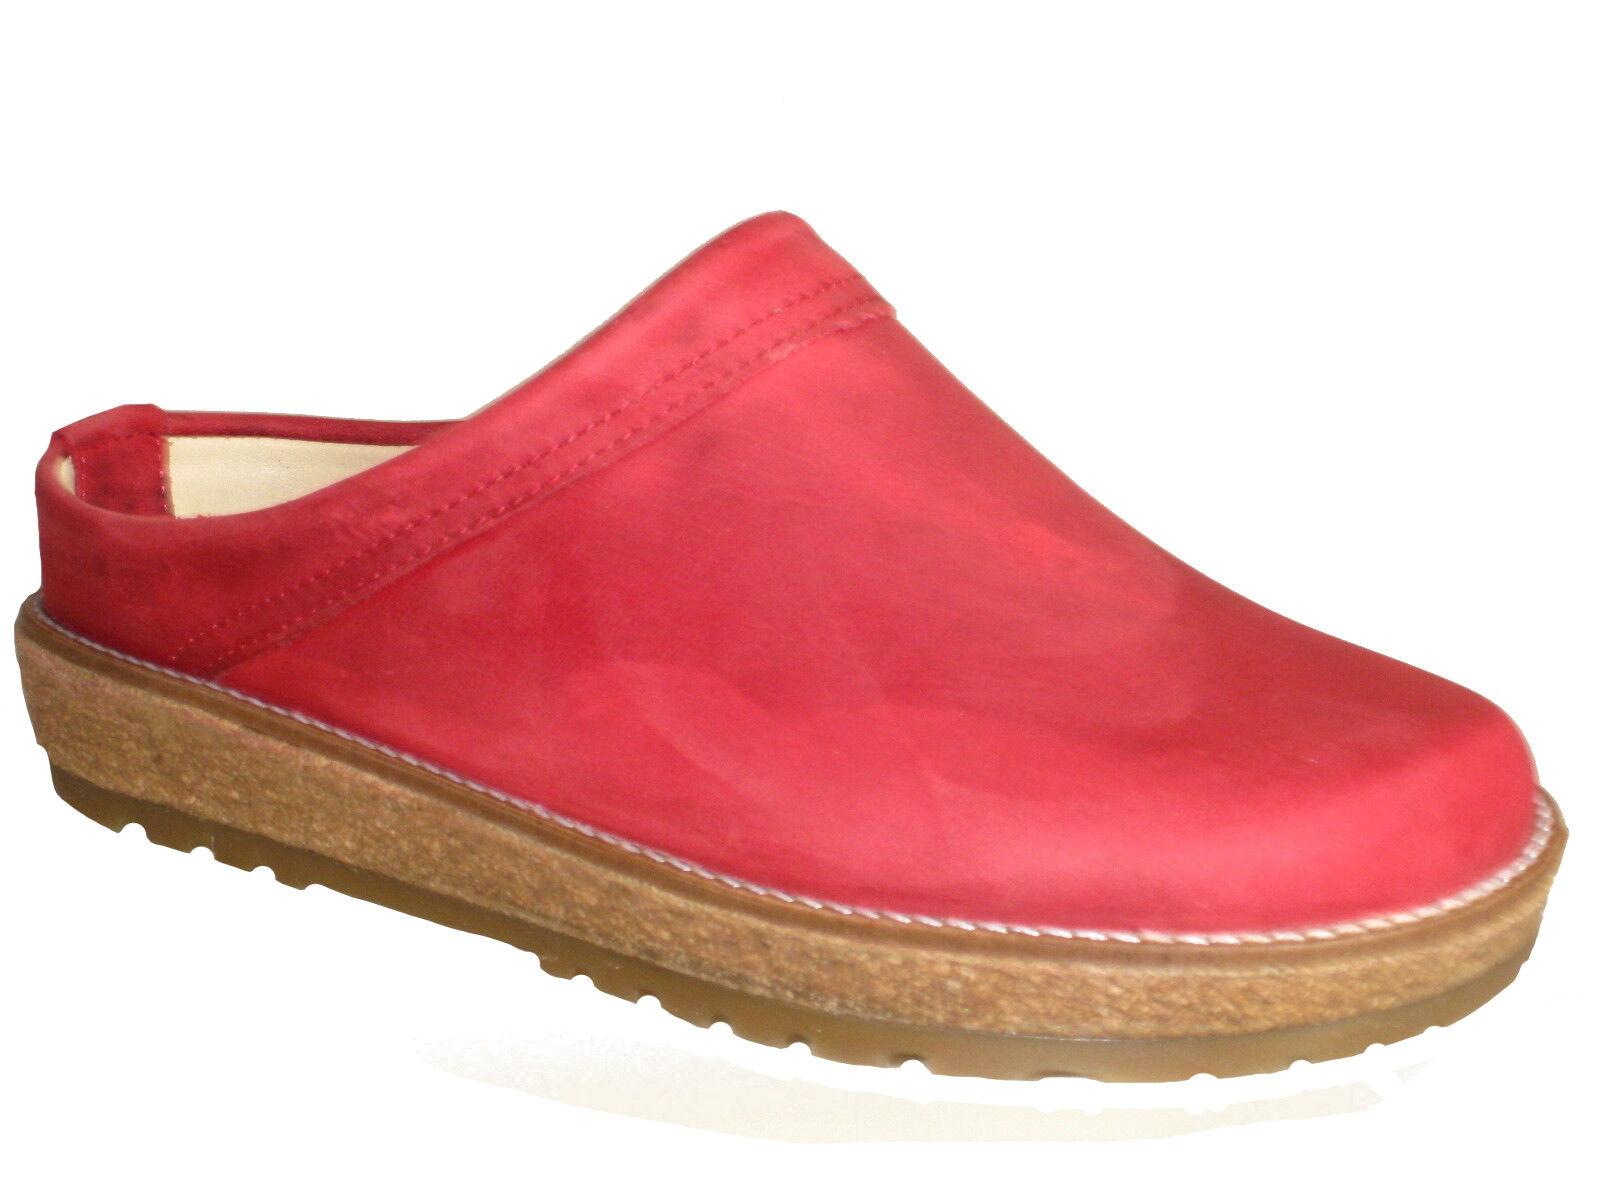 Nuevo Haflinger 818010 Zapatos señora outdoor-Indoor Clogs cuero auténtico zapatillas zapatillas zapatillas h66  compras de moda online